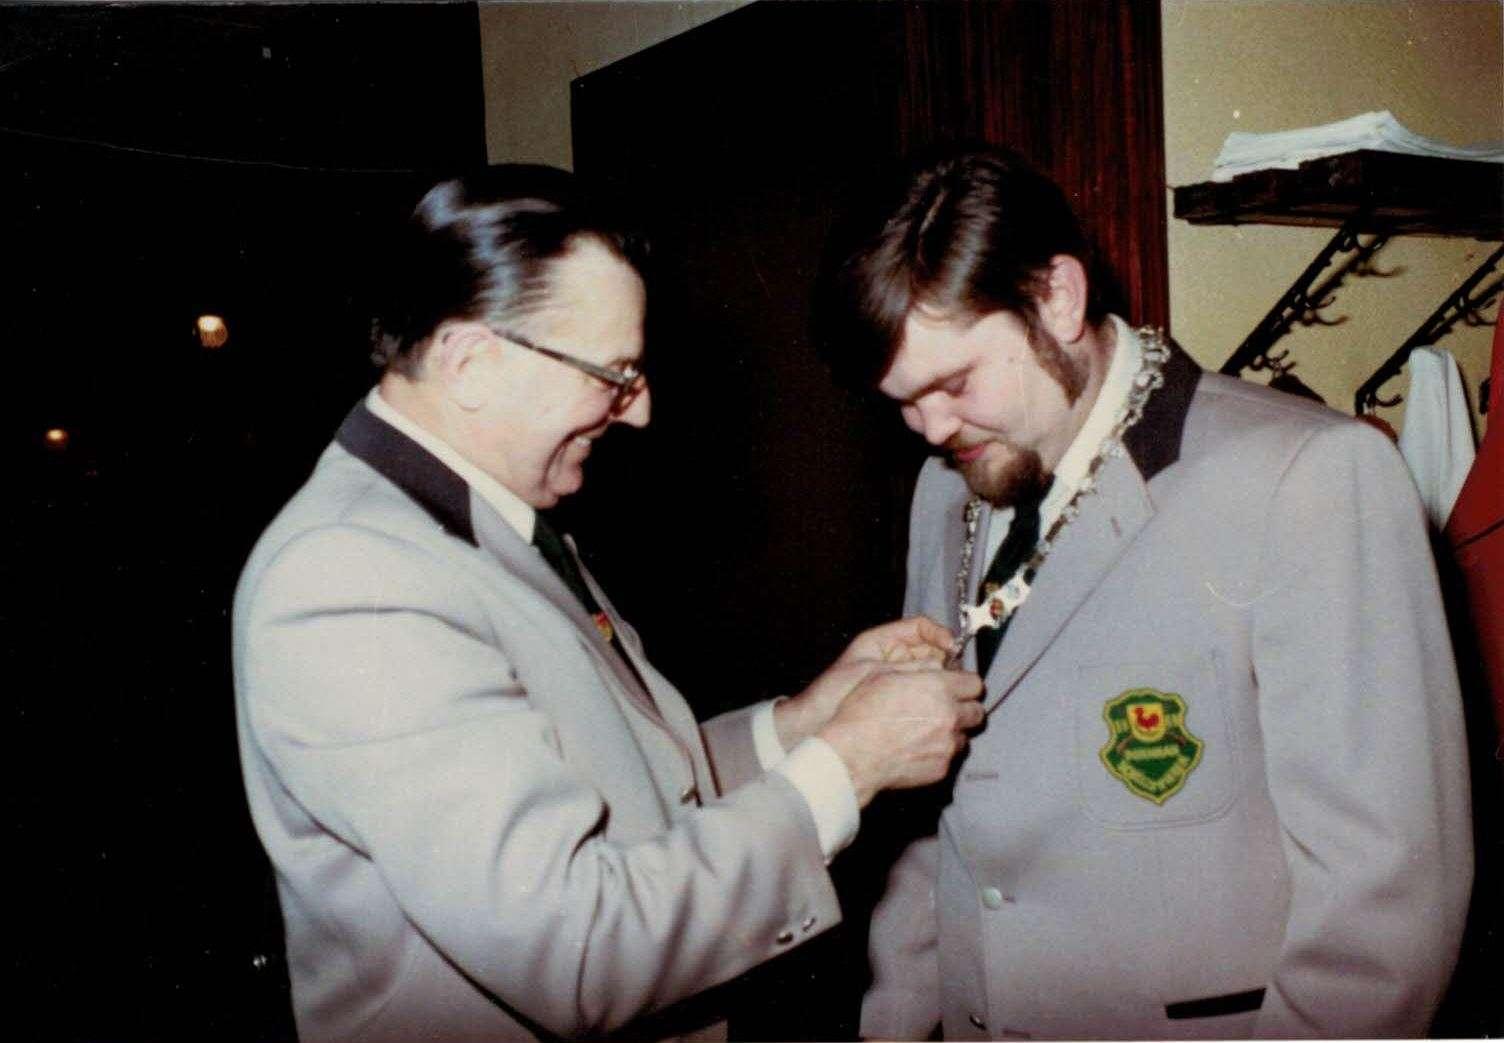 Krönung des Schützenkönigs 1979